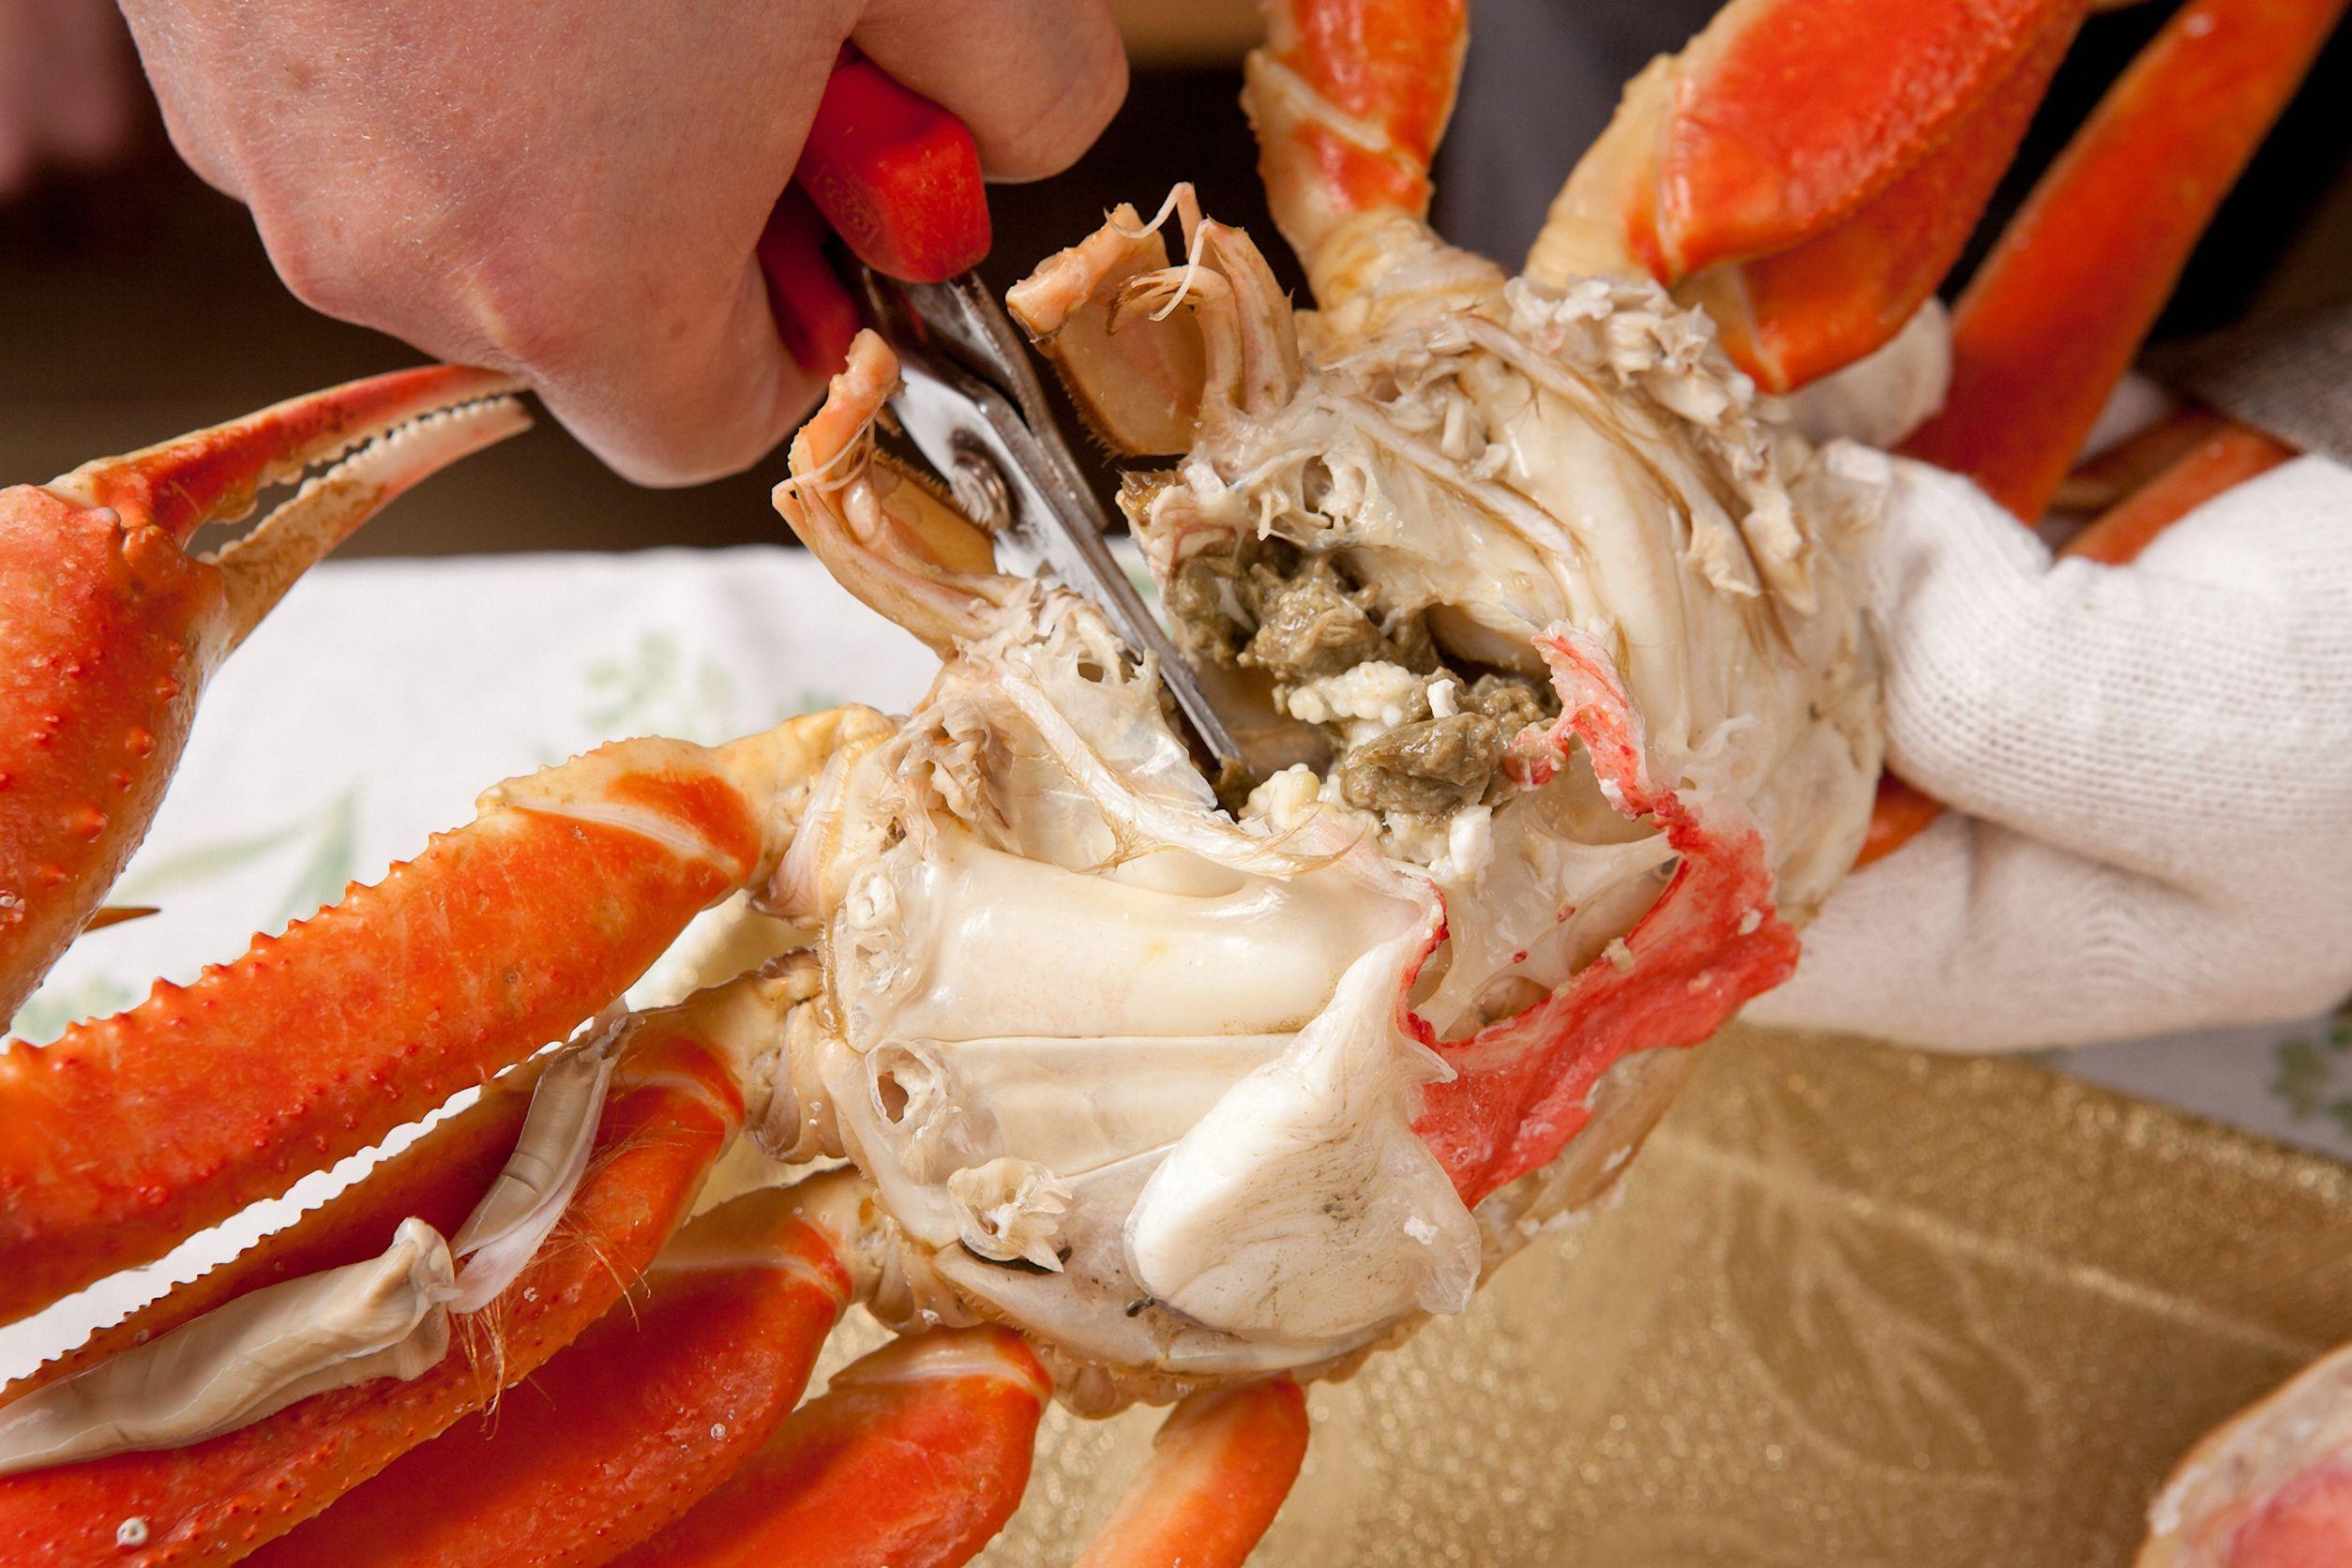 Tijeras de cocina cortando cangrejos